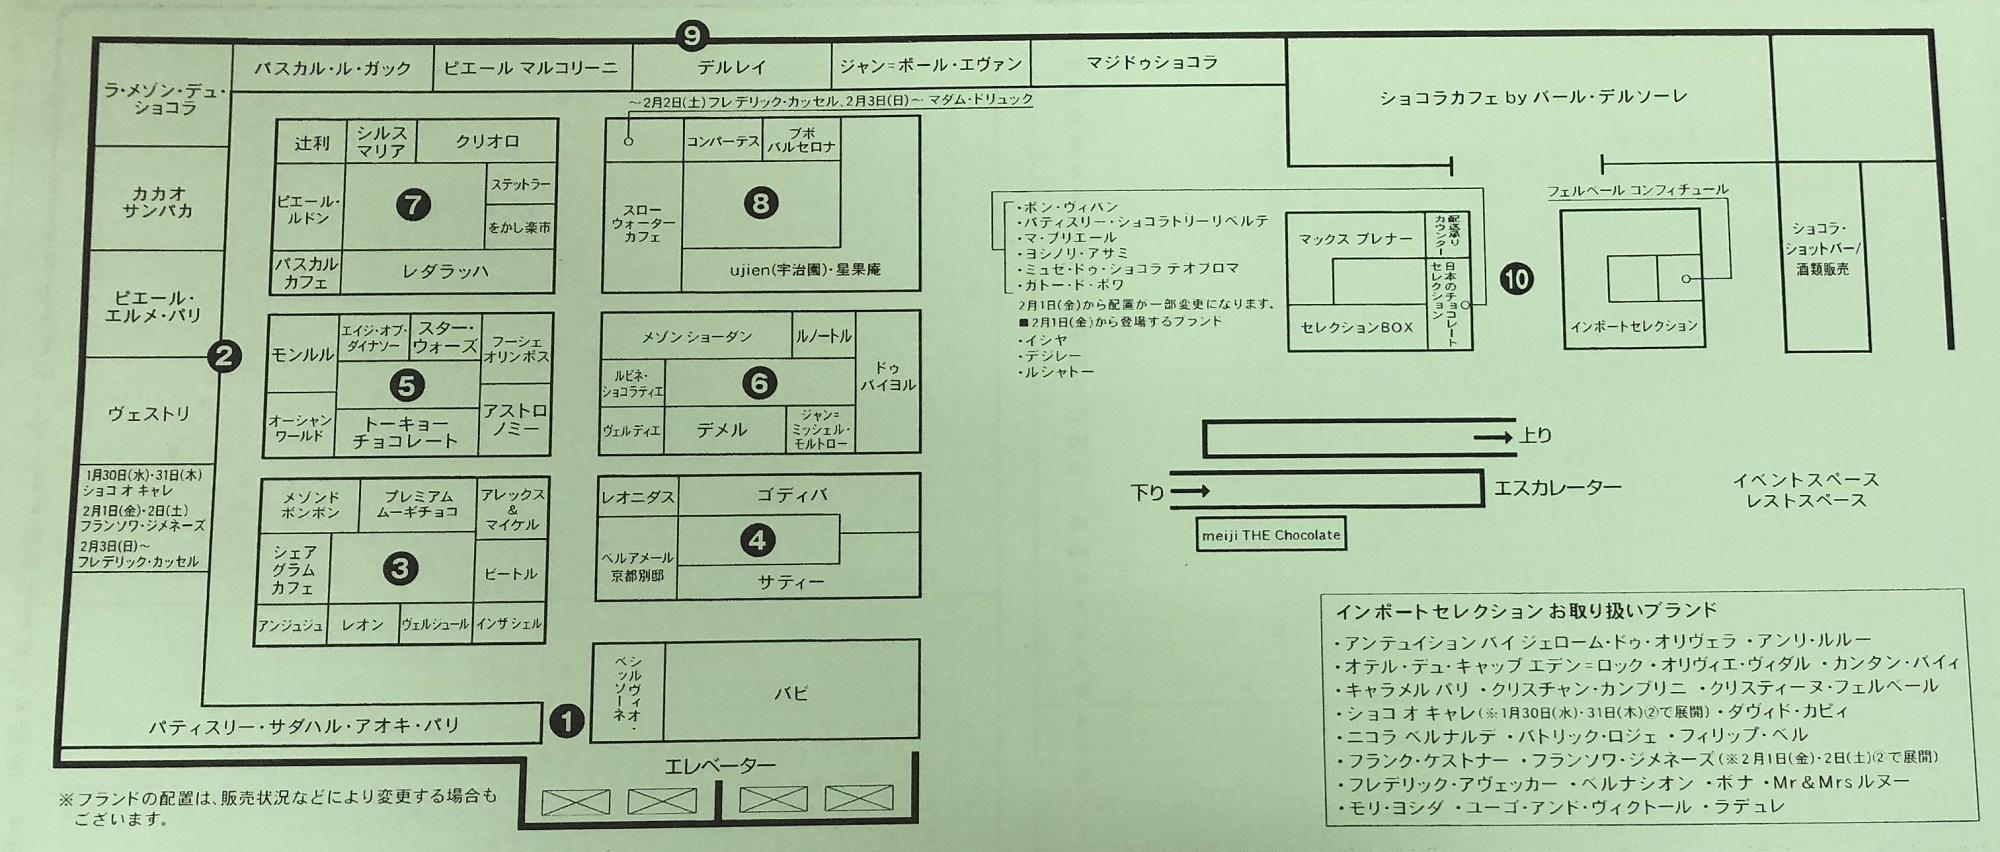 ショコラ サロン 札幌 デュ